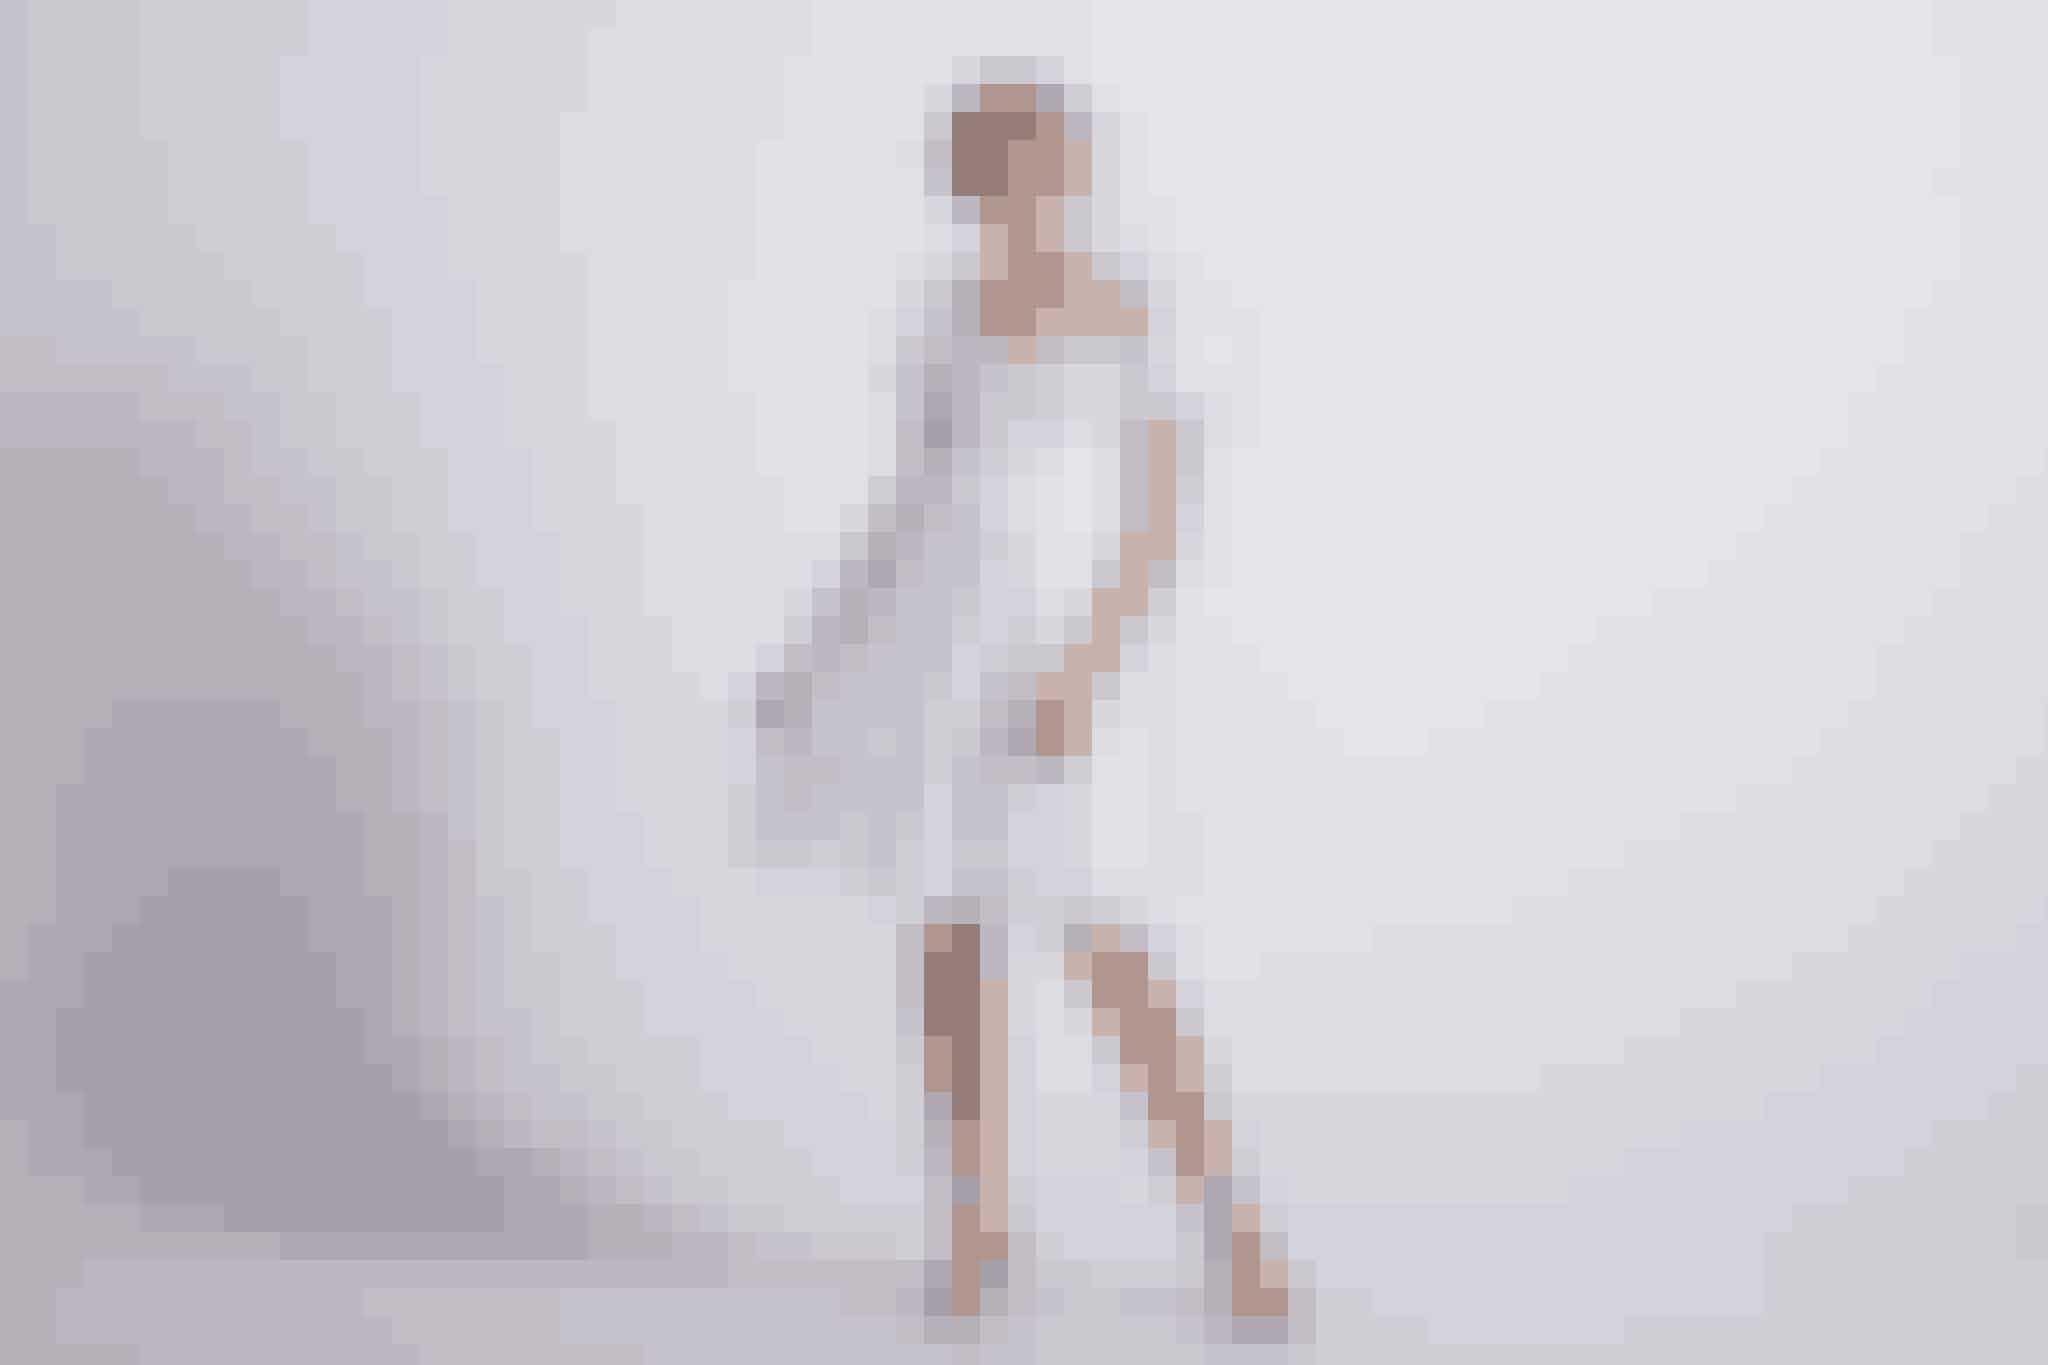 Livlig, energisk og en charmetroldDu er en rigtig charmetrold fyldt med energi! Derfor er en kjole, der både er sød og afslappet, helt perfekt til dig med et par fine høje hæle til. Find den hos Lilly.dk til 2.499 kroner lige her.